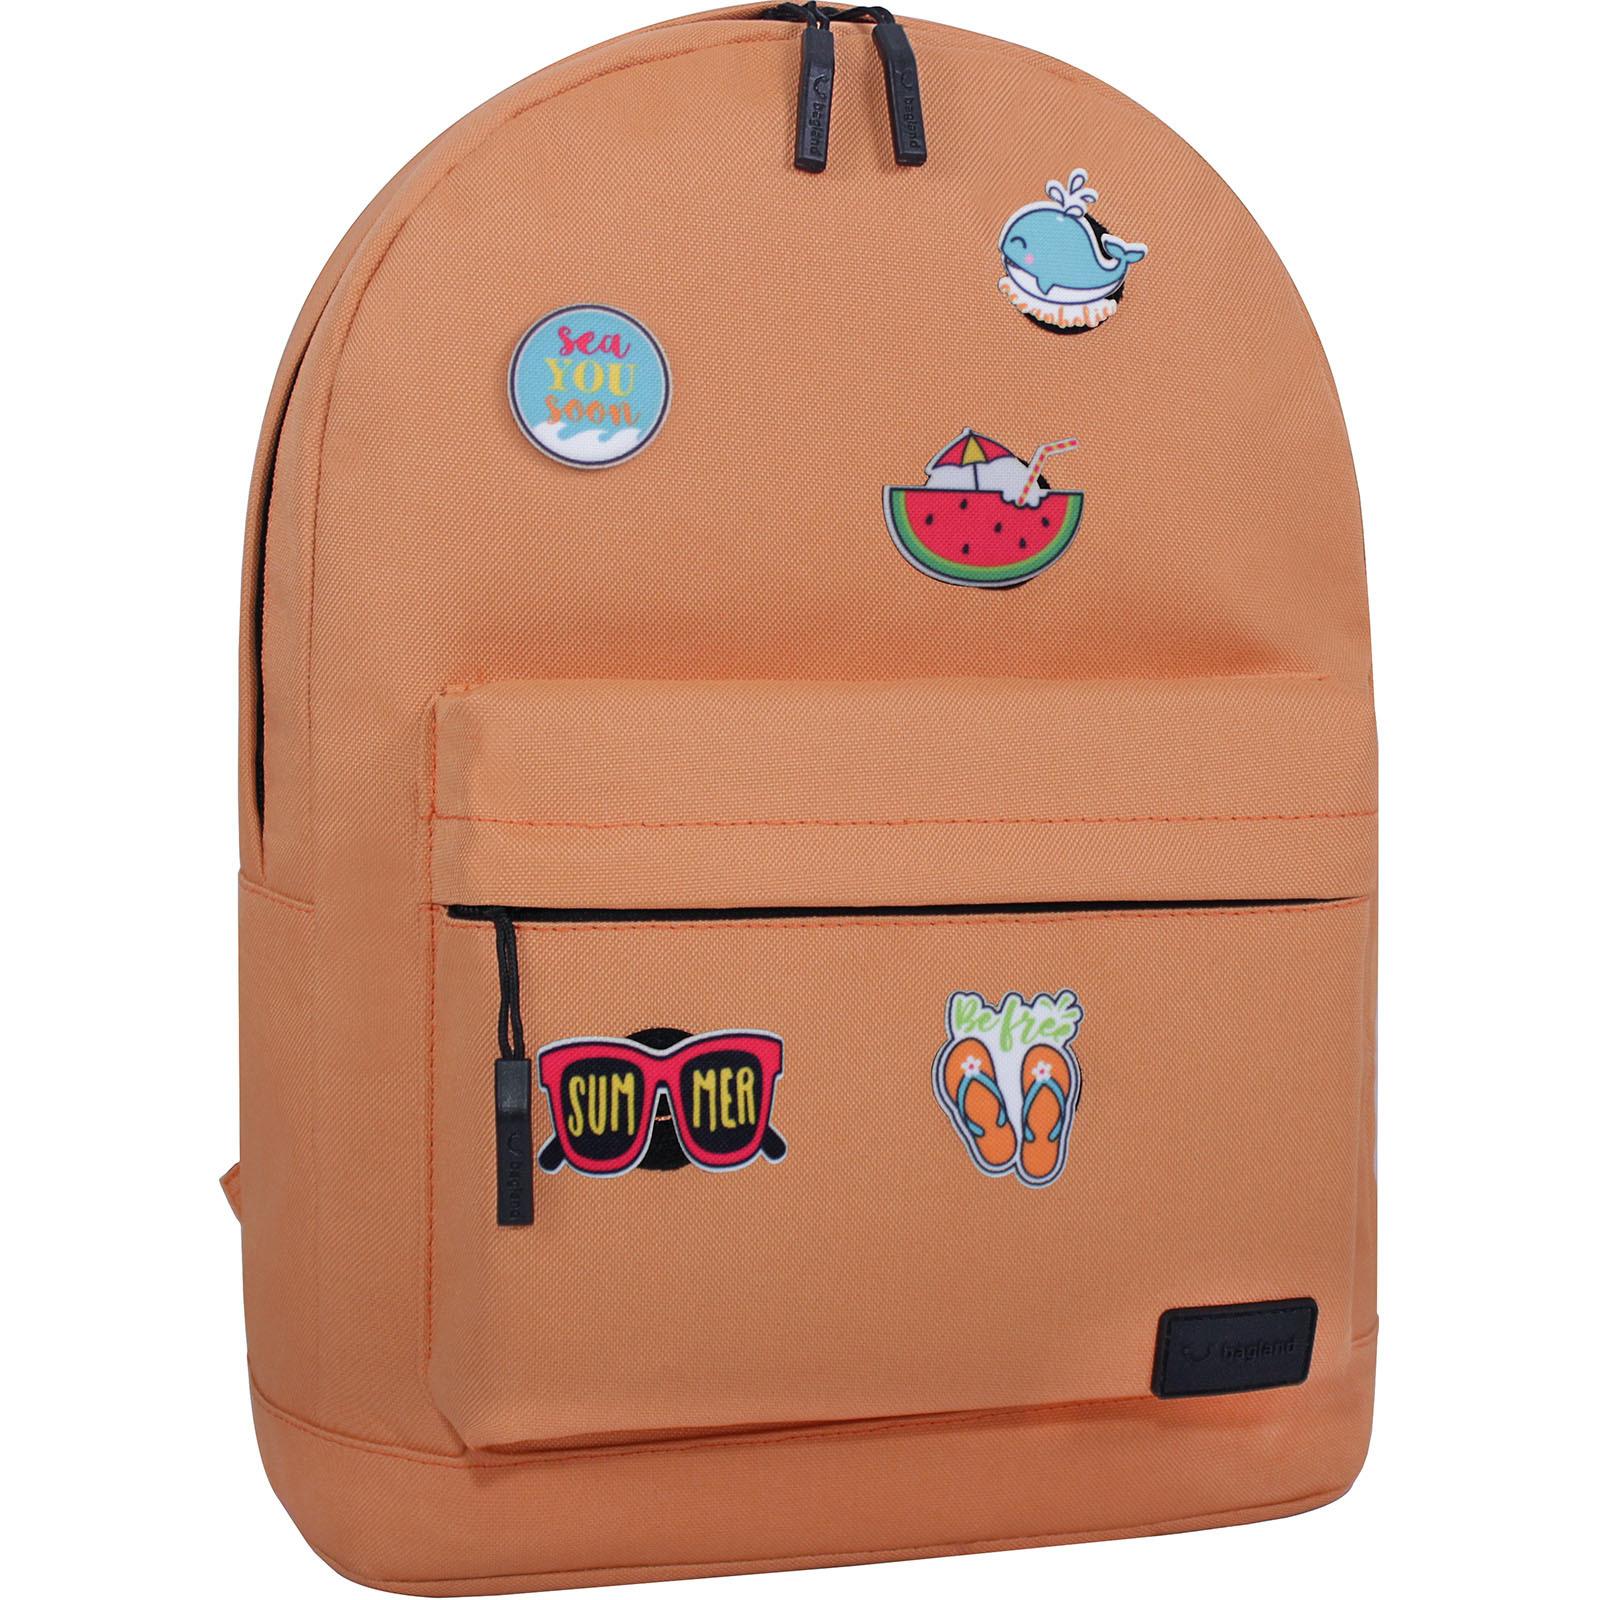 Городские рюкзаки Рюкзак Bagland Молодежный W/R 17 л. 281 Рыжий (00533662 Ш) IMG_3091.JPG